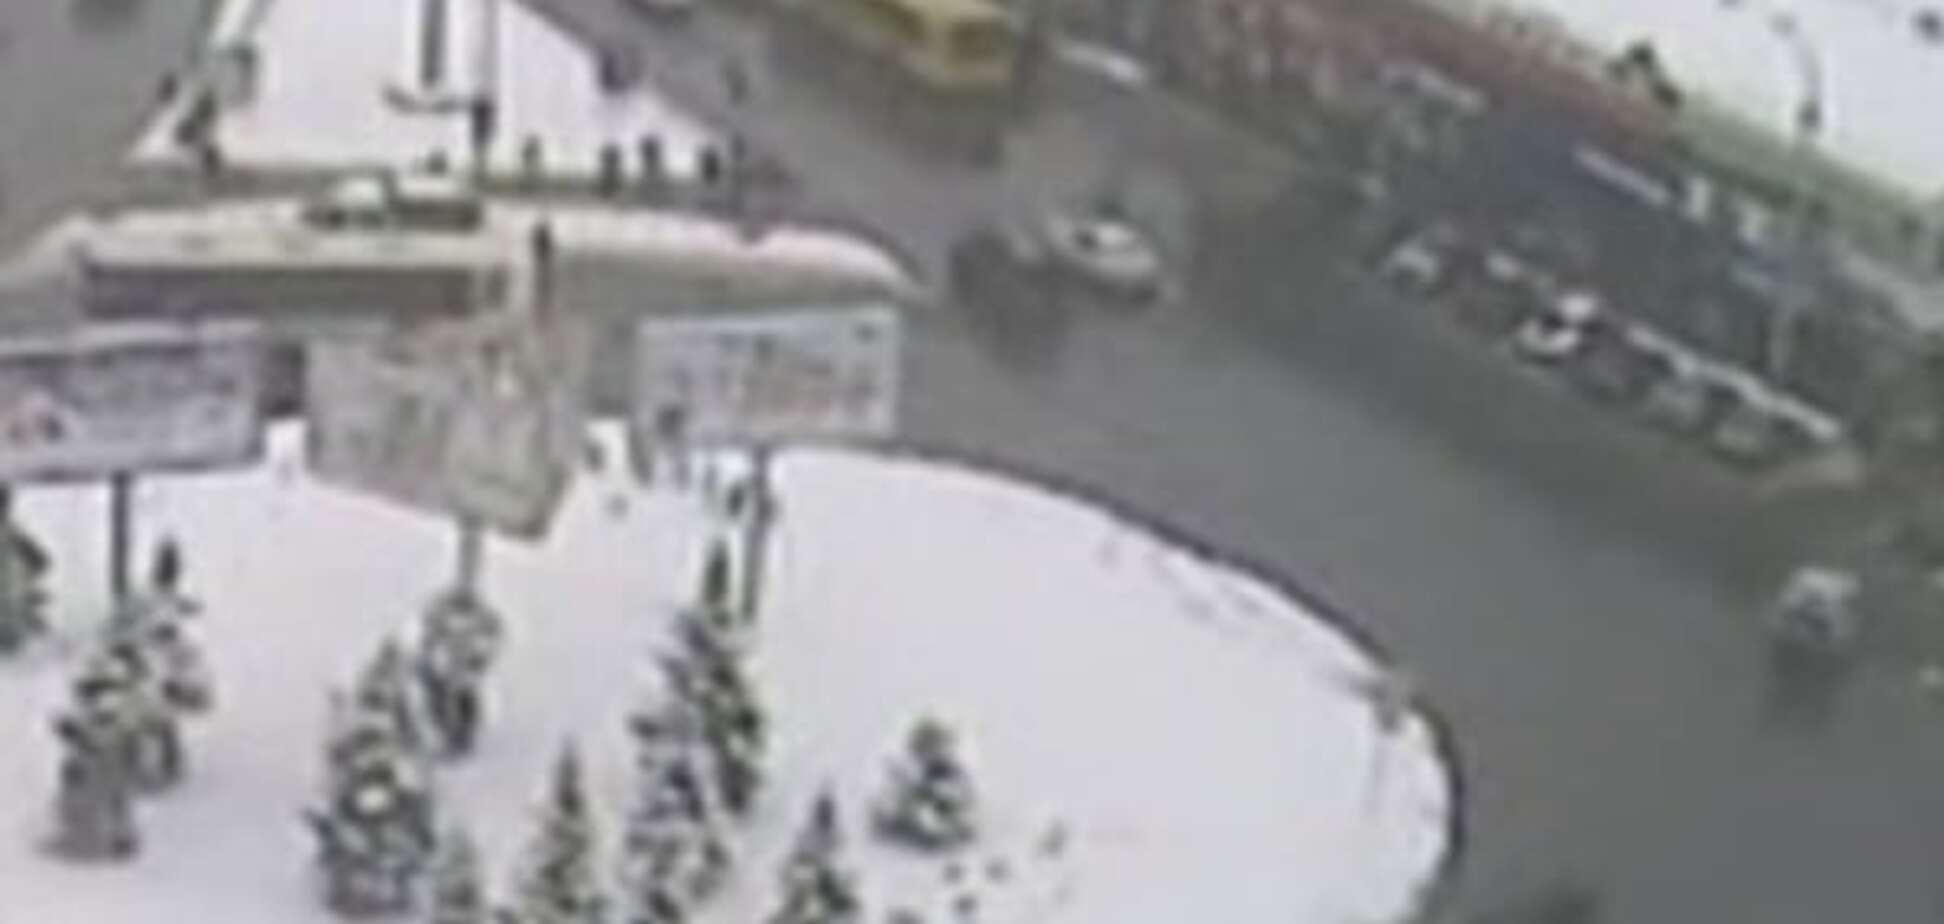 Смертельное ДТП с мажором в Киеве: в сети появилось видео столкновения